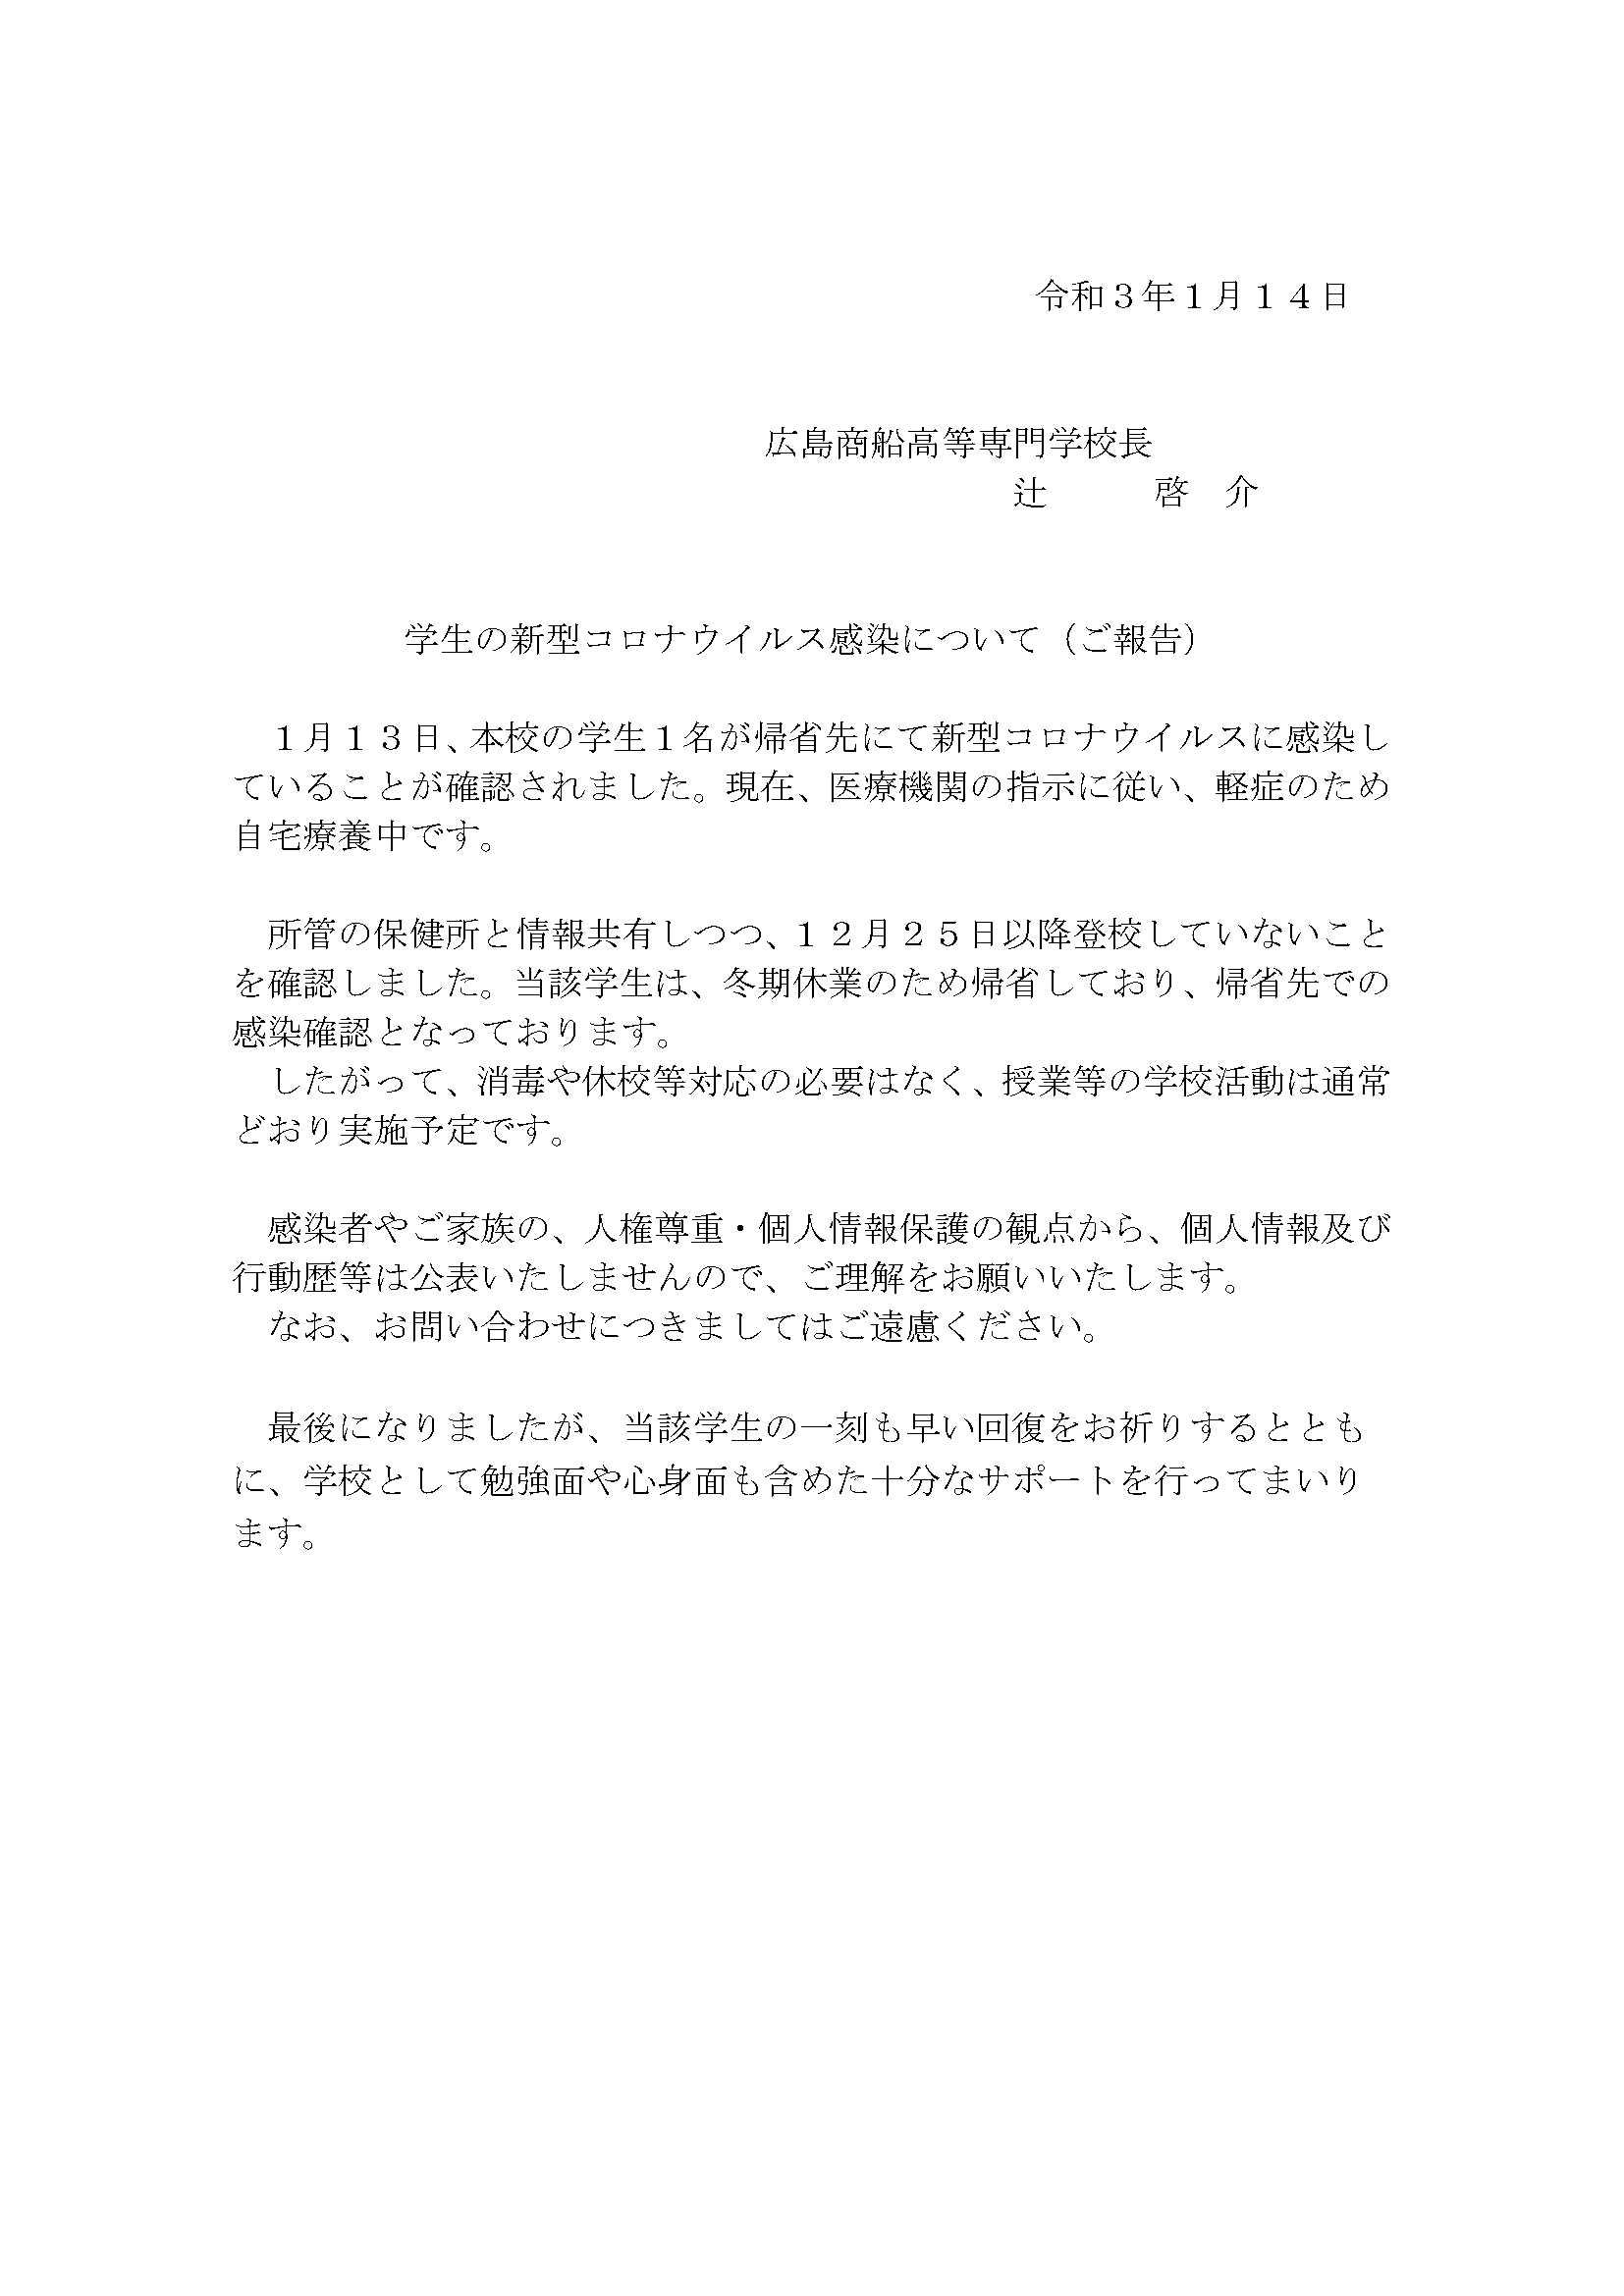 最新 広島 新型 情報 コロナ